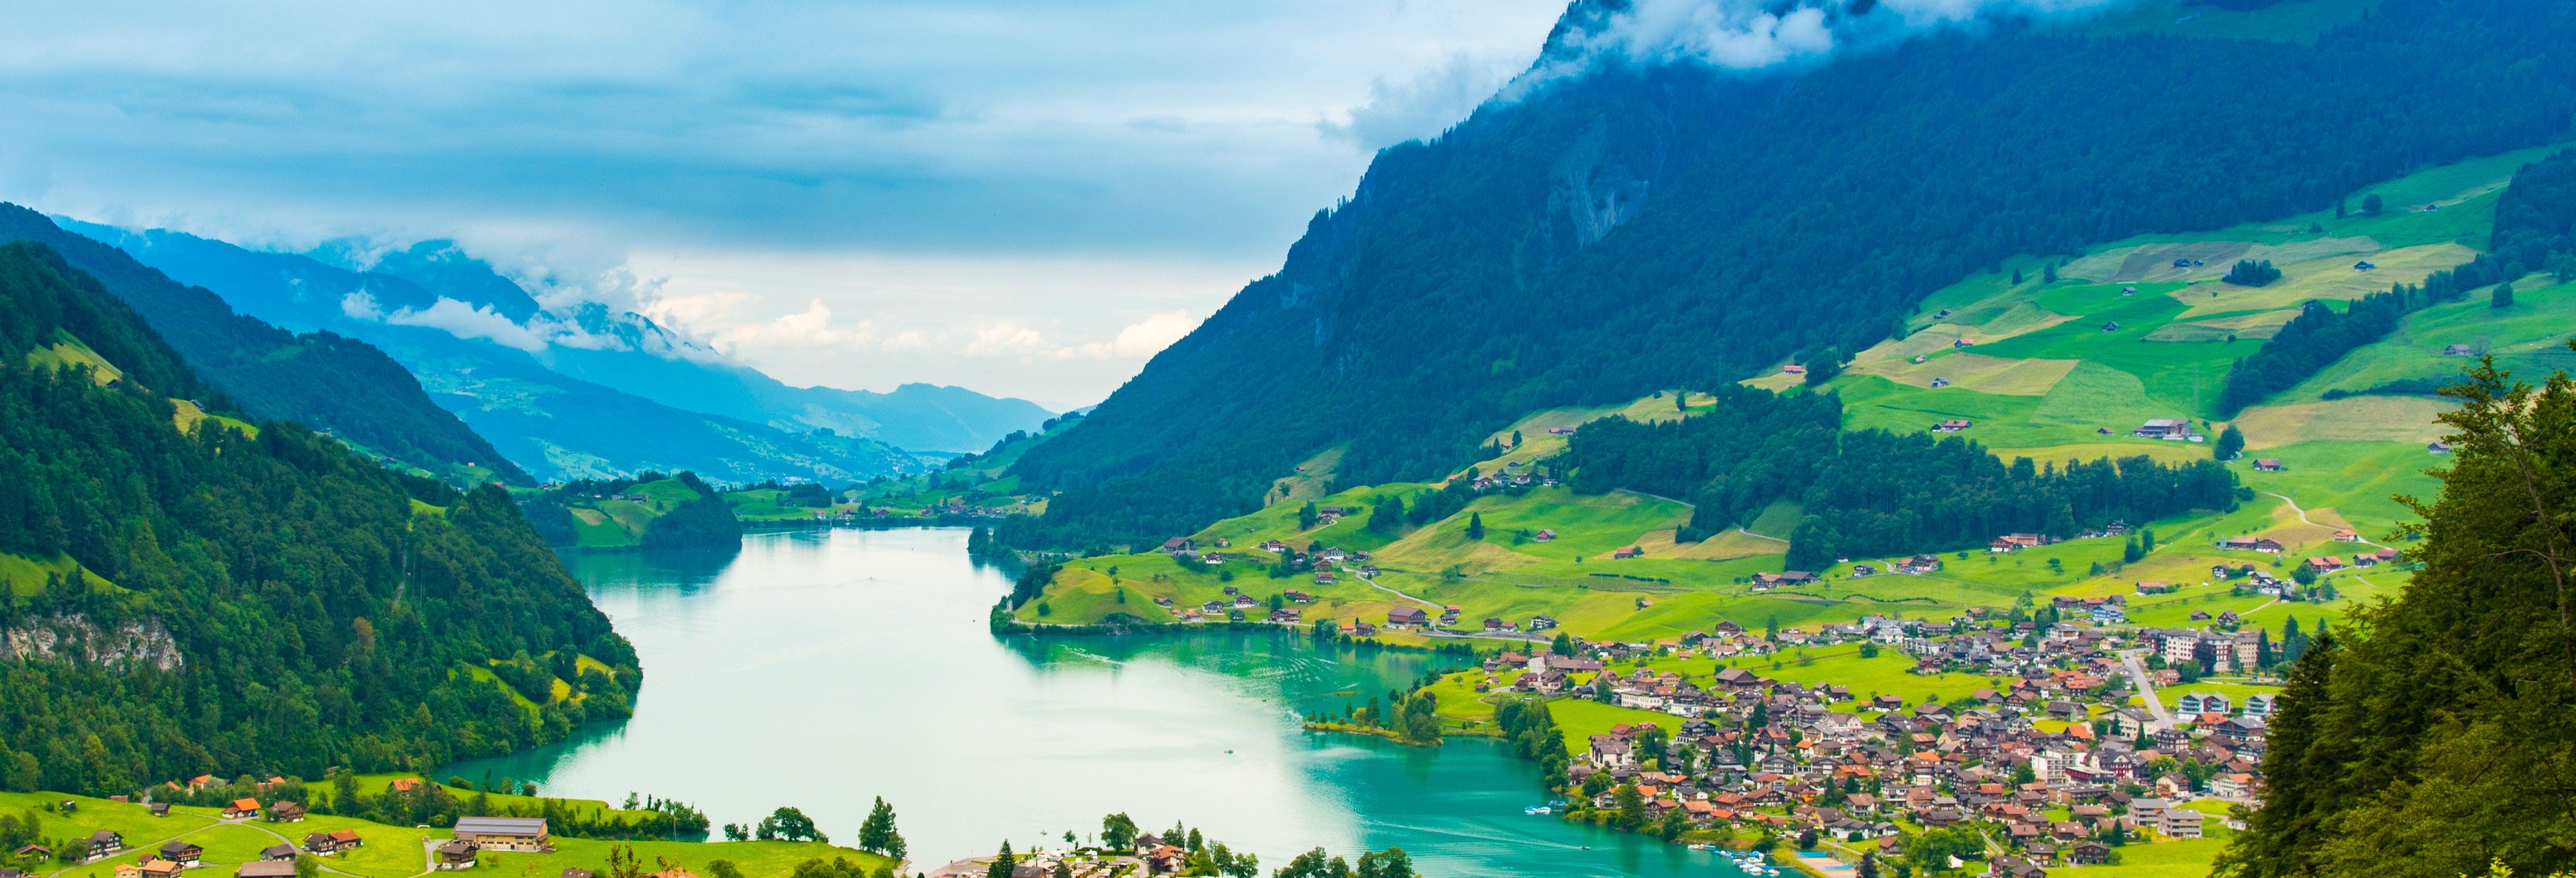 Excursão a Grindelwald e Interlaken